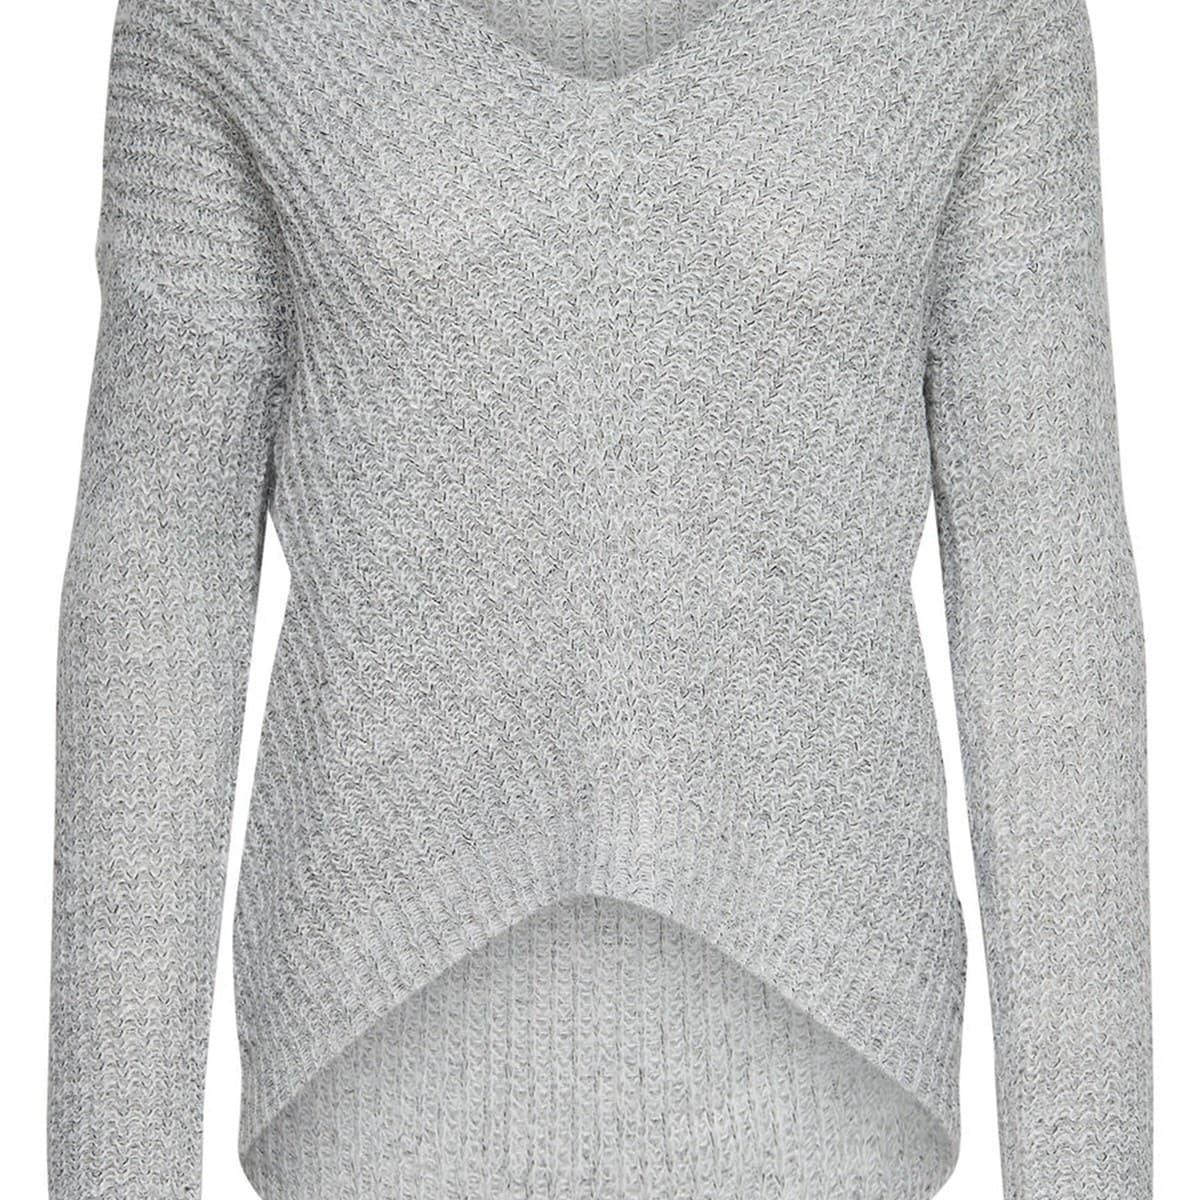 Jdymegan L/s Pullover Knt Noos